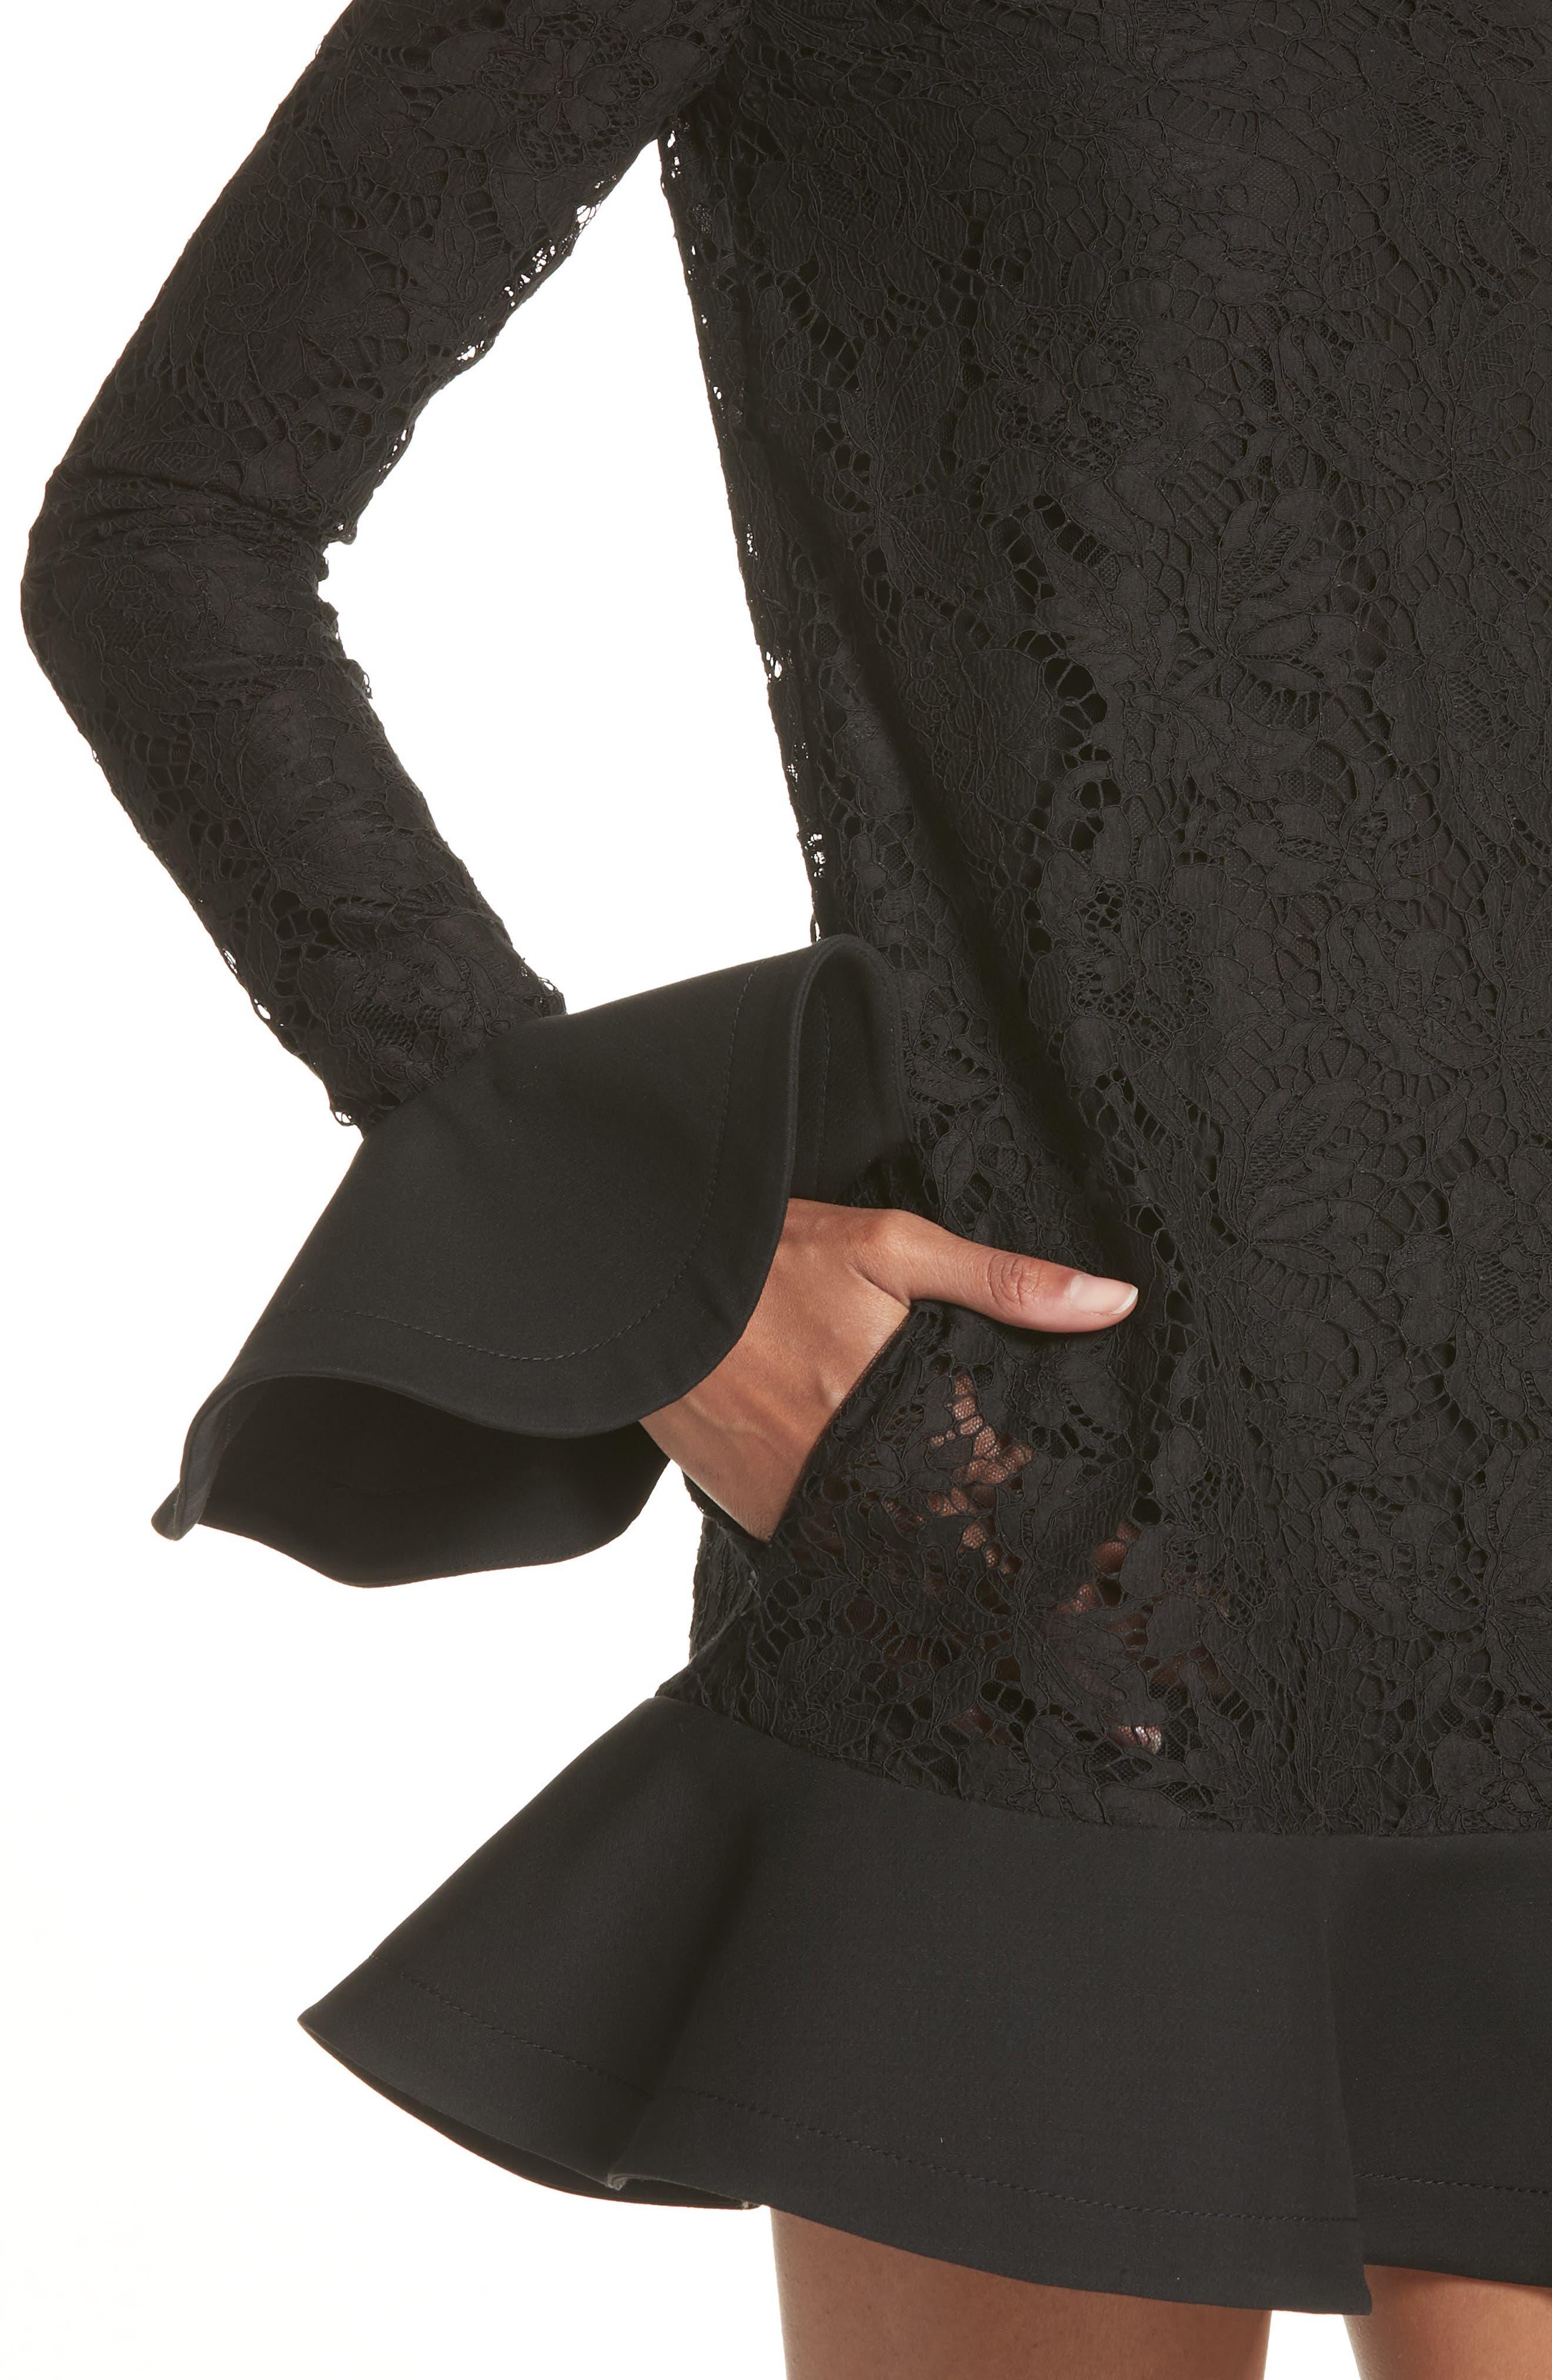 VALENTINO, Ruffle Hem Lace Dress, Alternate thumbnail 5, color, BLACK